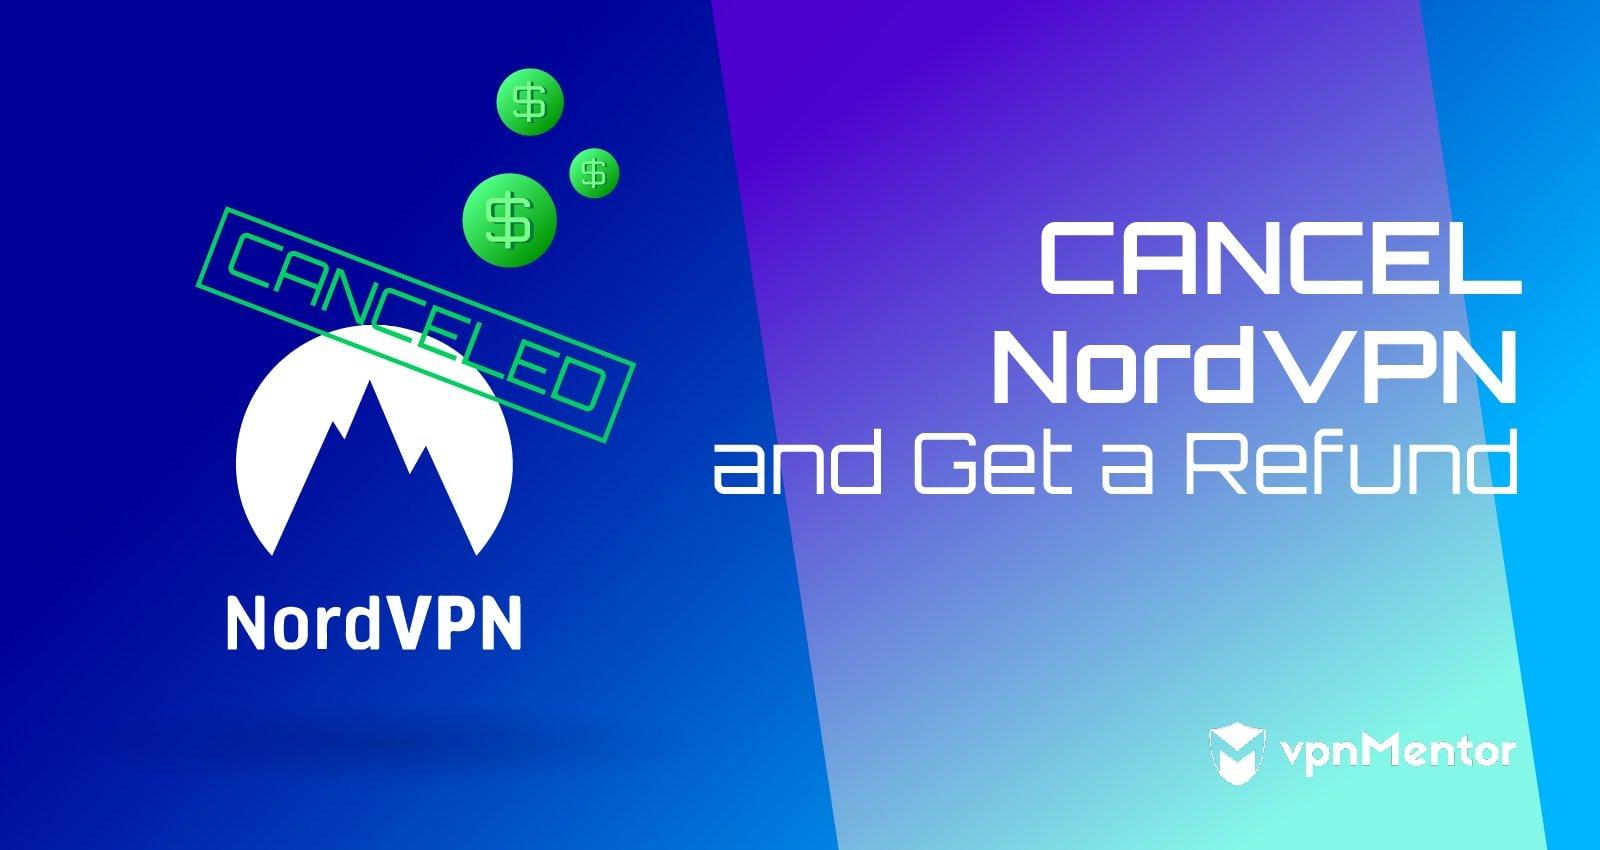 Как получить бесплатный пробный период NordVPN в январе 2020